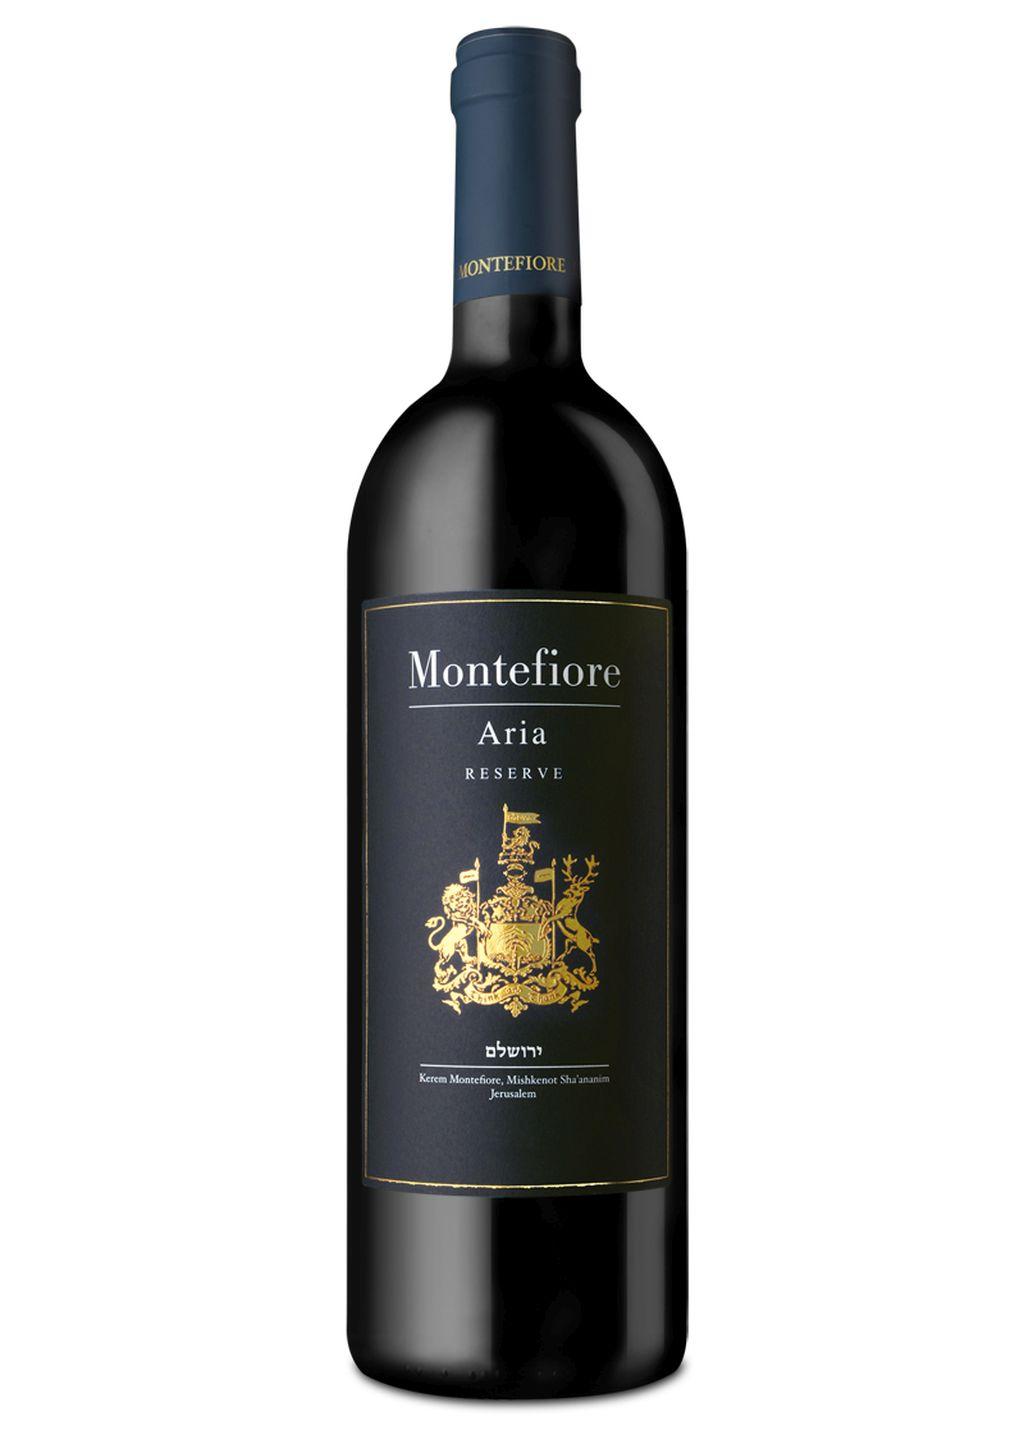 יין מונטיפיורי אריא